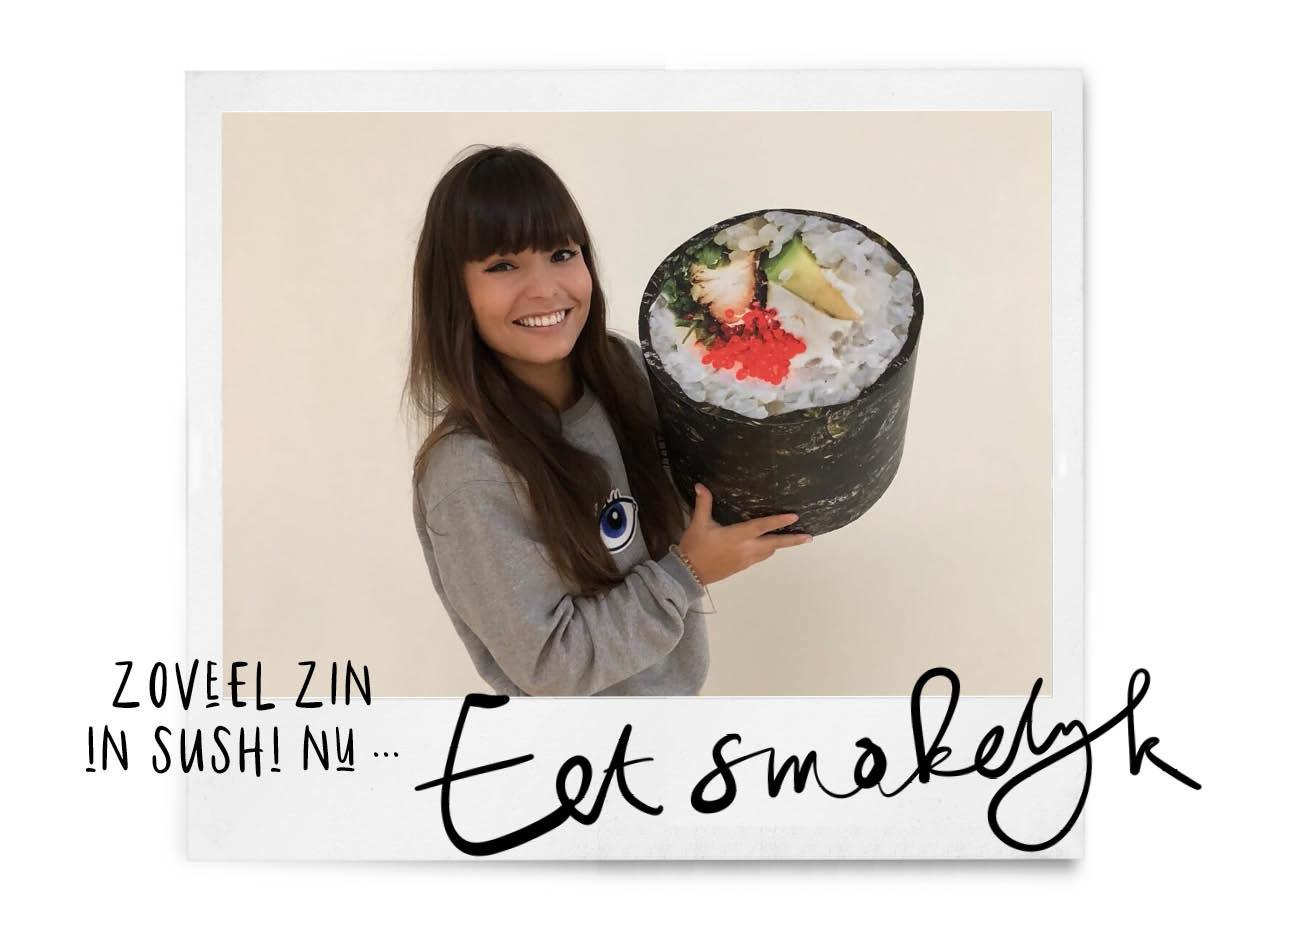 kiki met een enorme sushirol